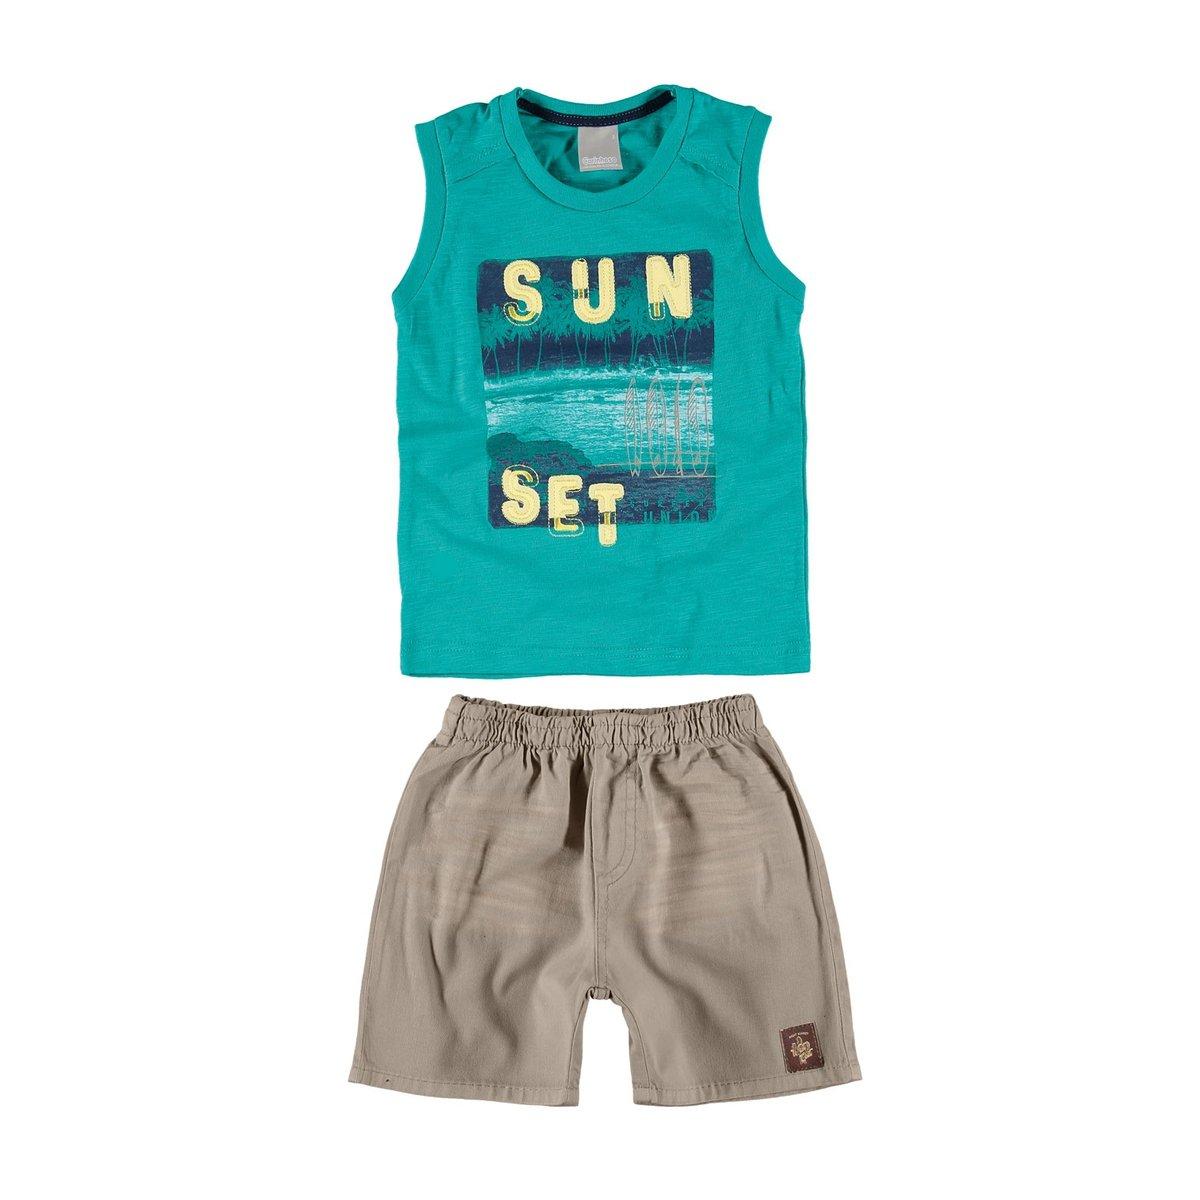 ba51c4095c Conjunto infantil de verão Carinhoso - Compre Agora